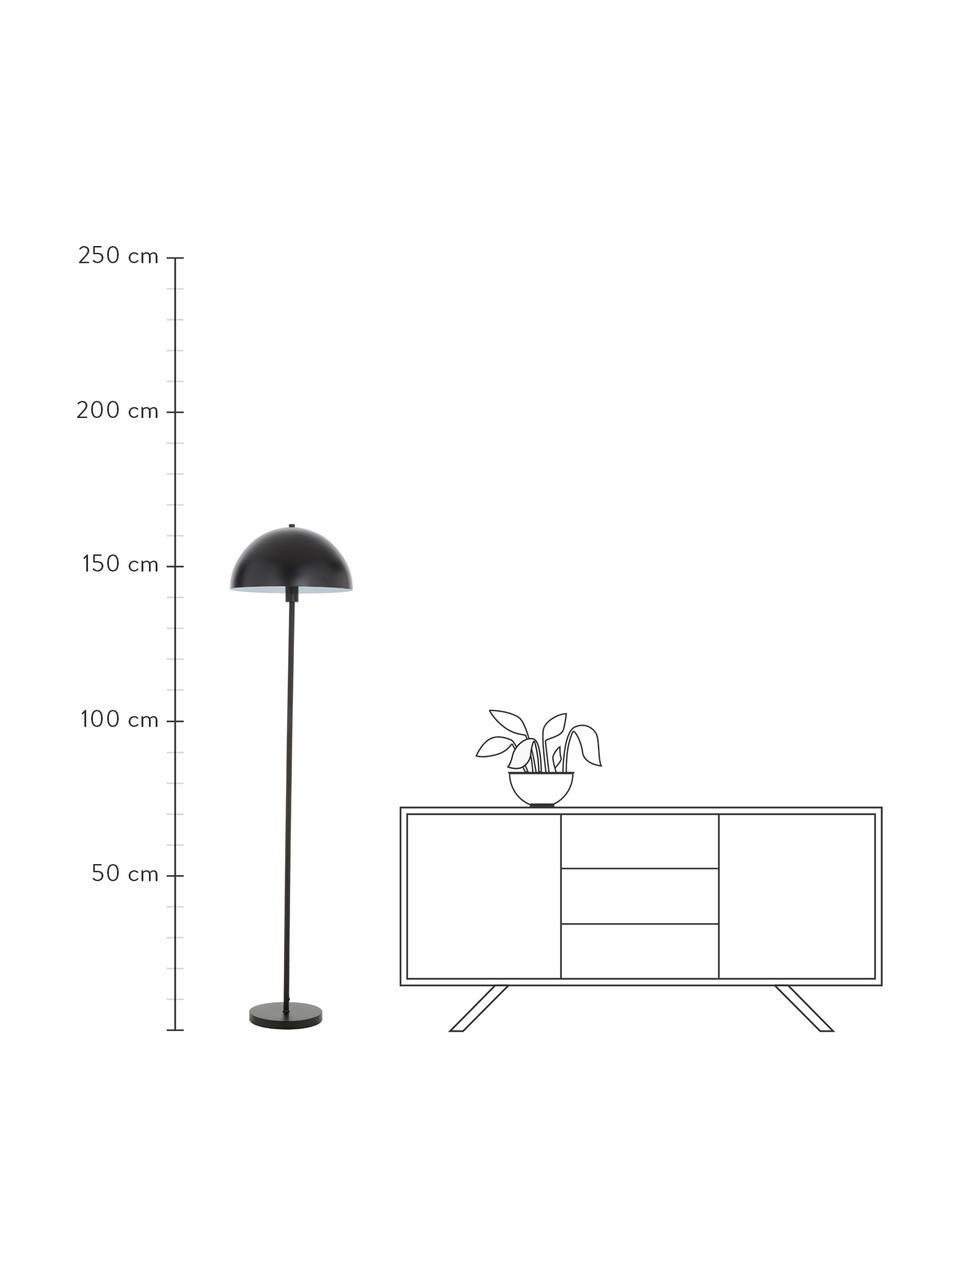 Stehlampe Matilda in Schwarz, Lampenschirm: Metall, pulverbeschichtet, Lampenfuß: Metall, pulverbeschichtet, Schwarz, Ø 40 x H 164 cm